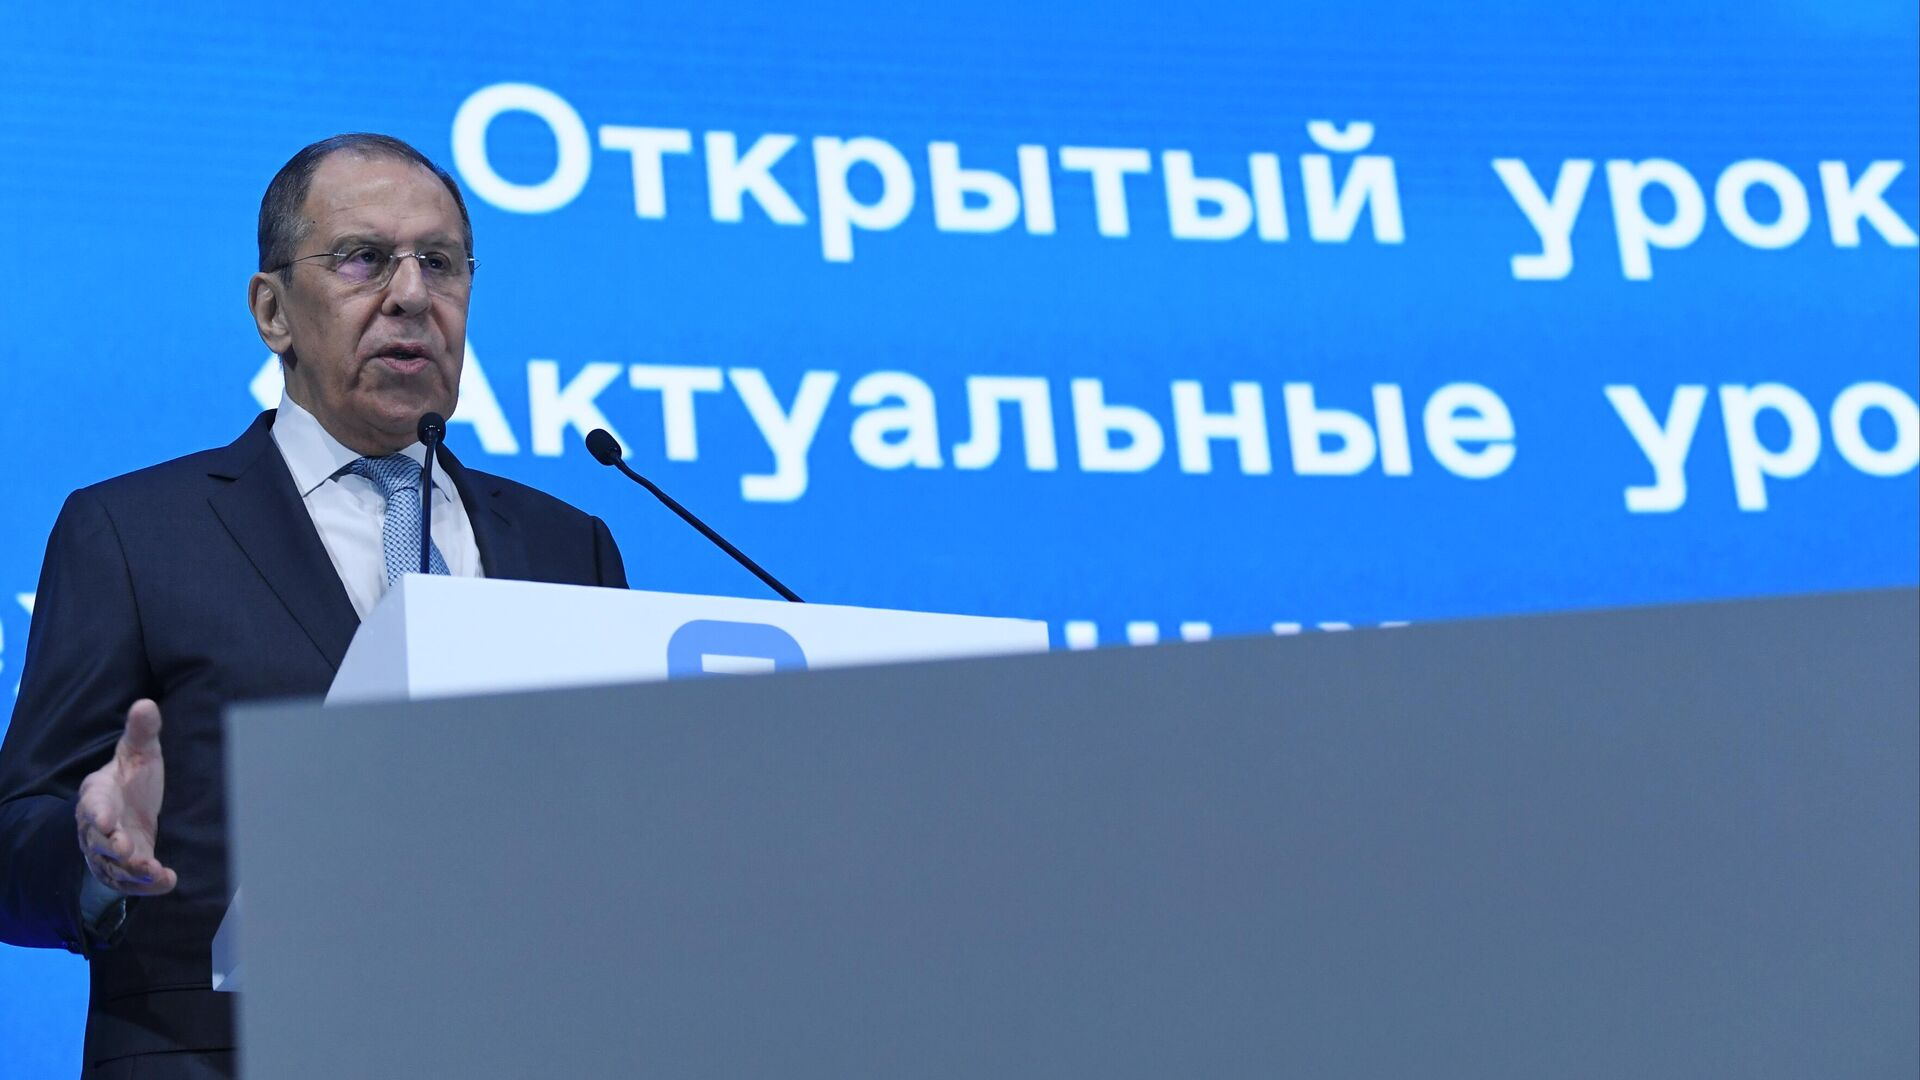 Лавров сравнил позицию Прибалтики и США с поведением дворовых хулиганов